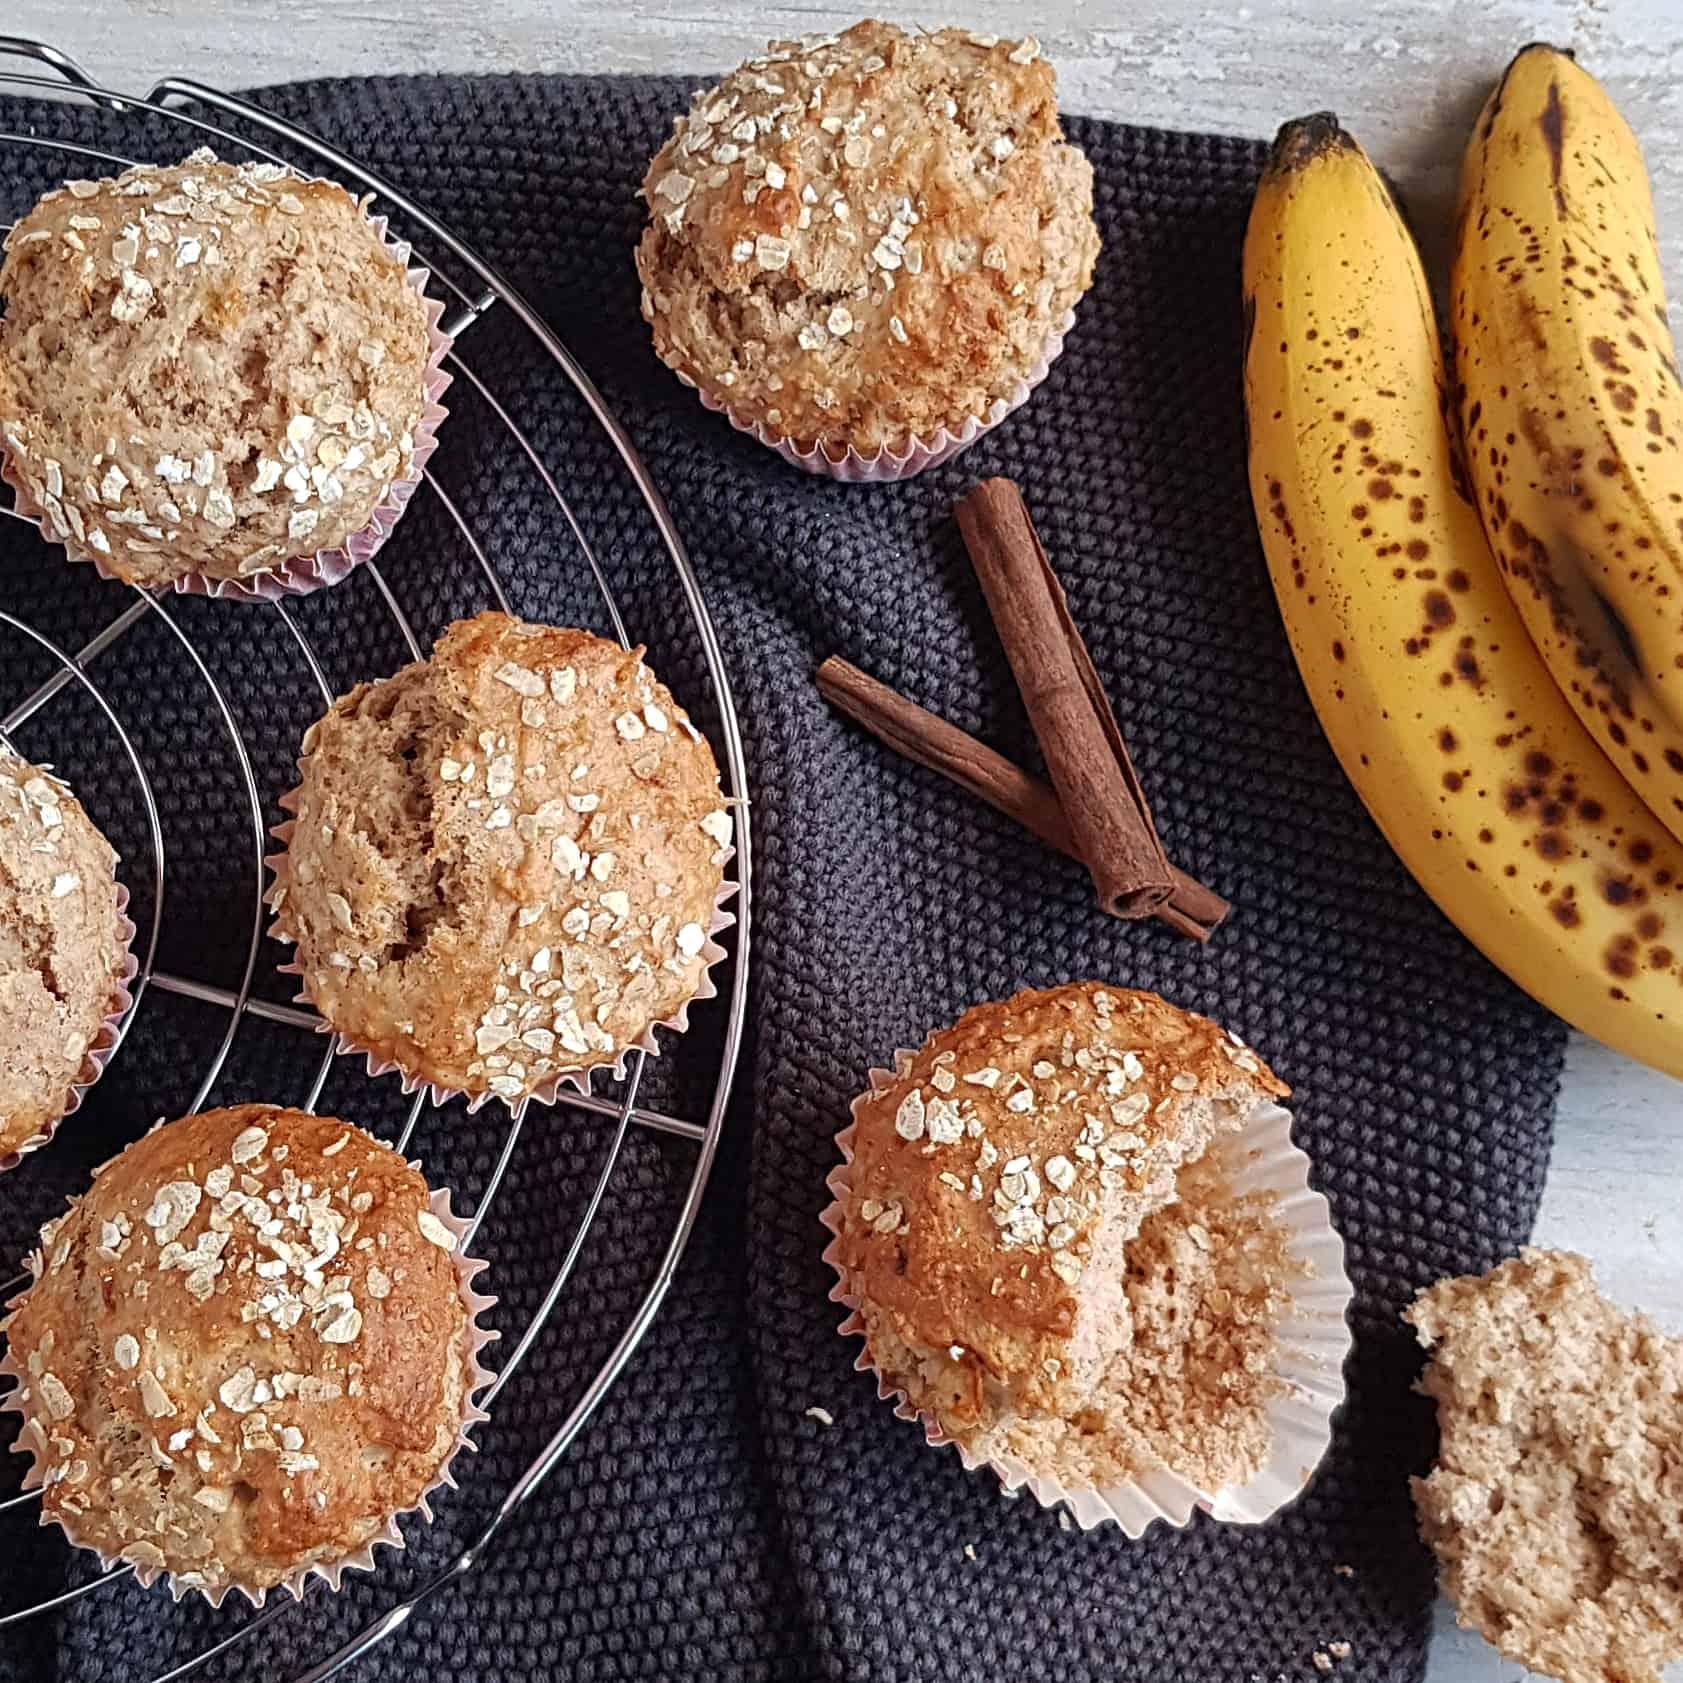 Ontbijtmuffins met banaan en kaneel